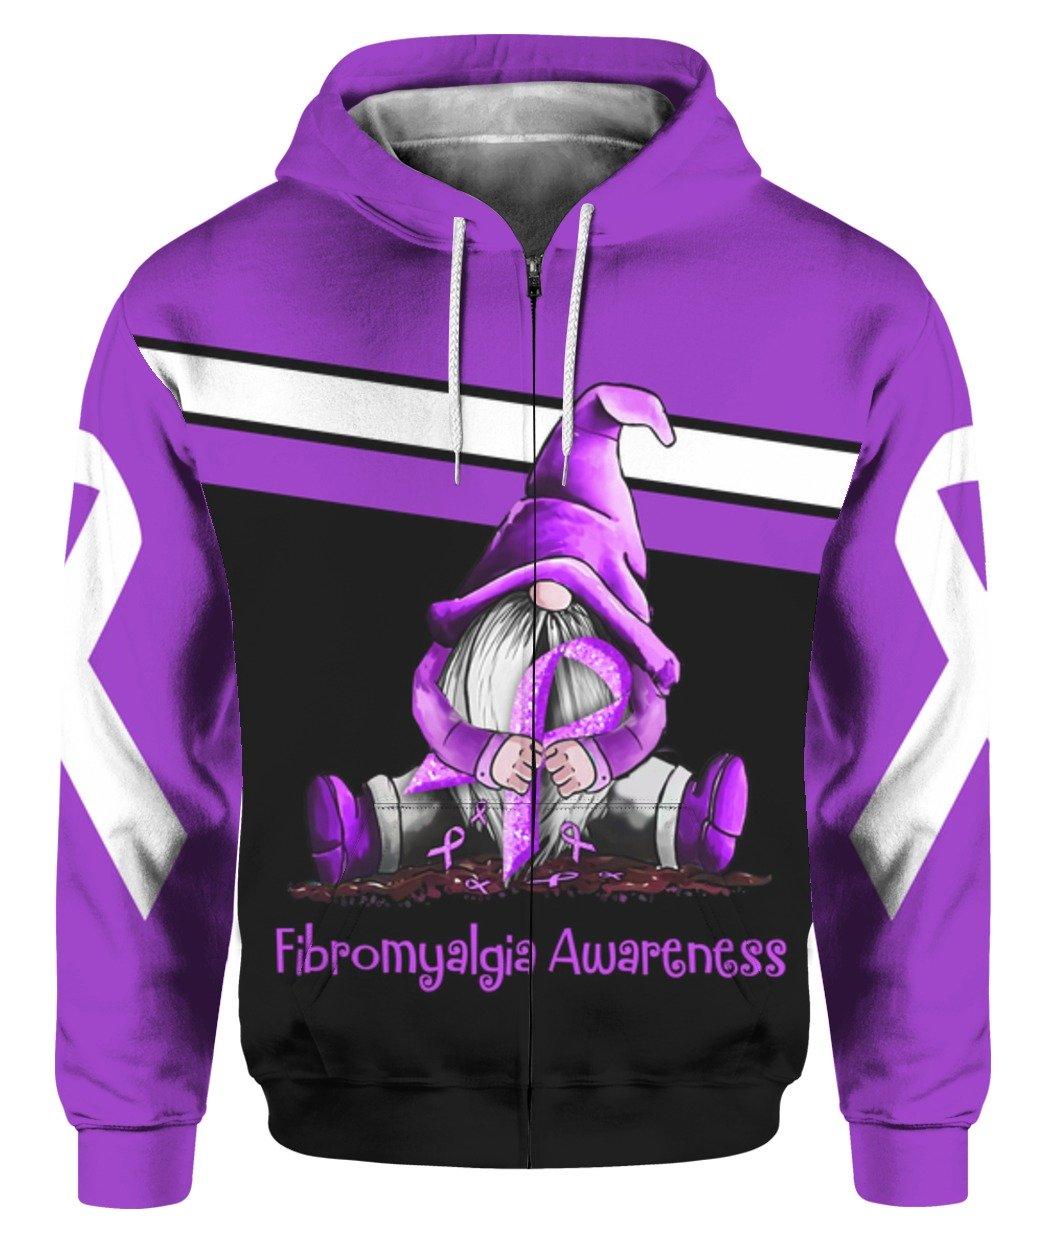 Gnome fibromyalgia awareness full printing zip hoodie